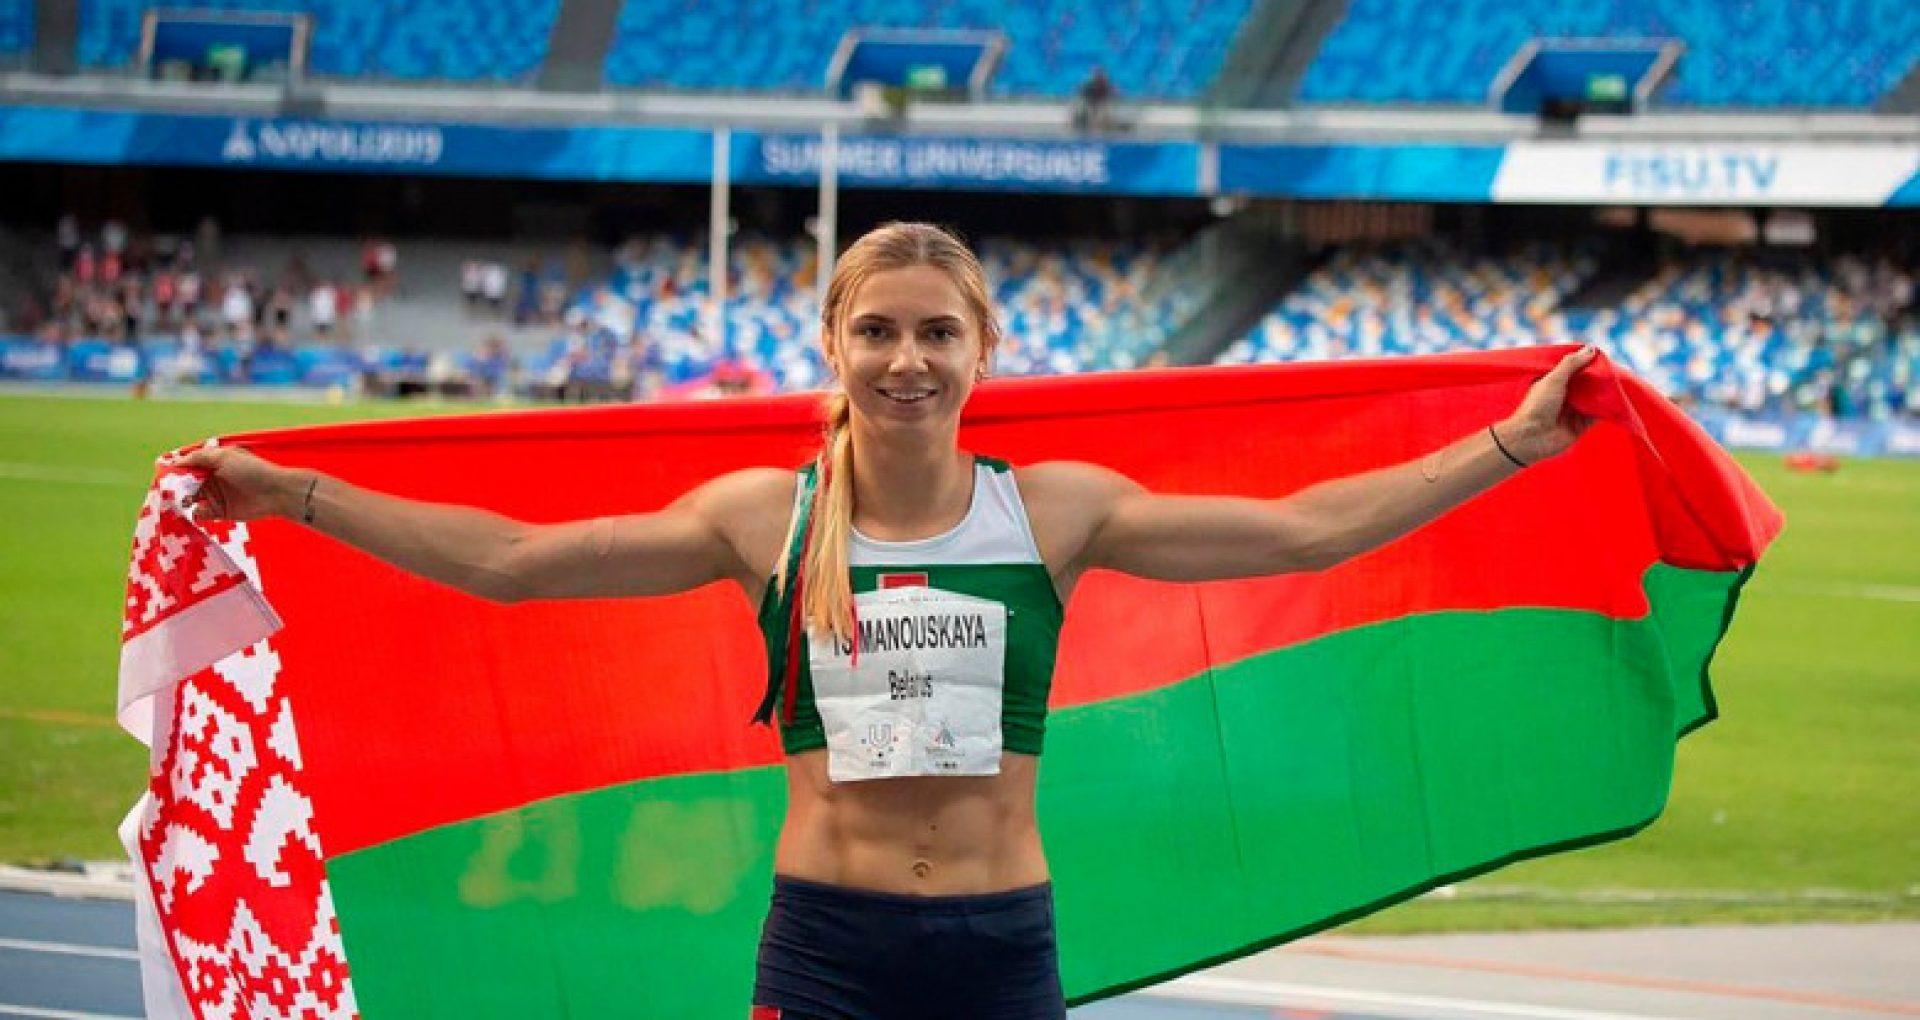 Atleta din Belarus, forțată să se întoarcă în țară, va ajunge în Polonia miercuri